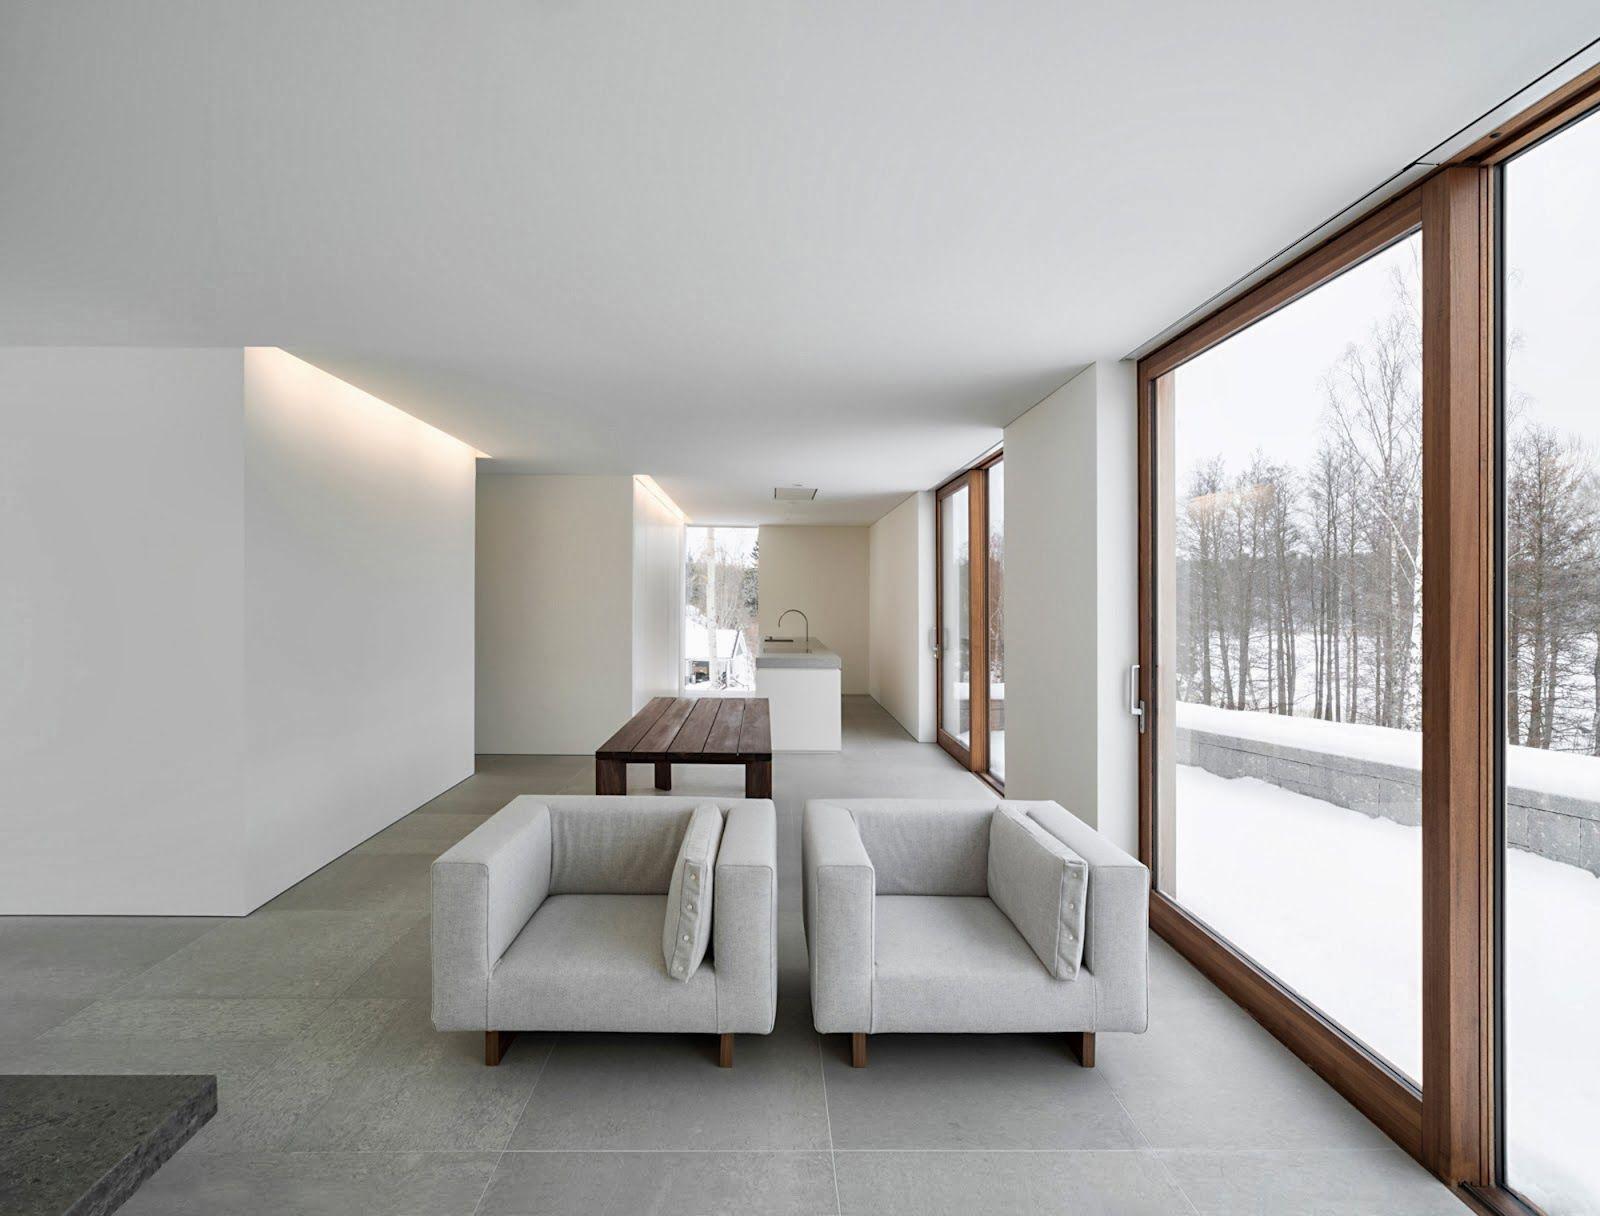 Amedeo liberatoscioli consigli utili arredare in stile for Soggiorno minimalista